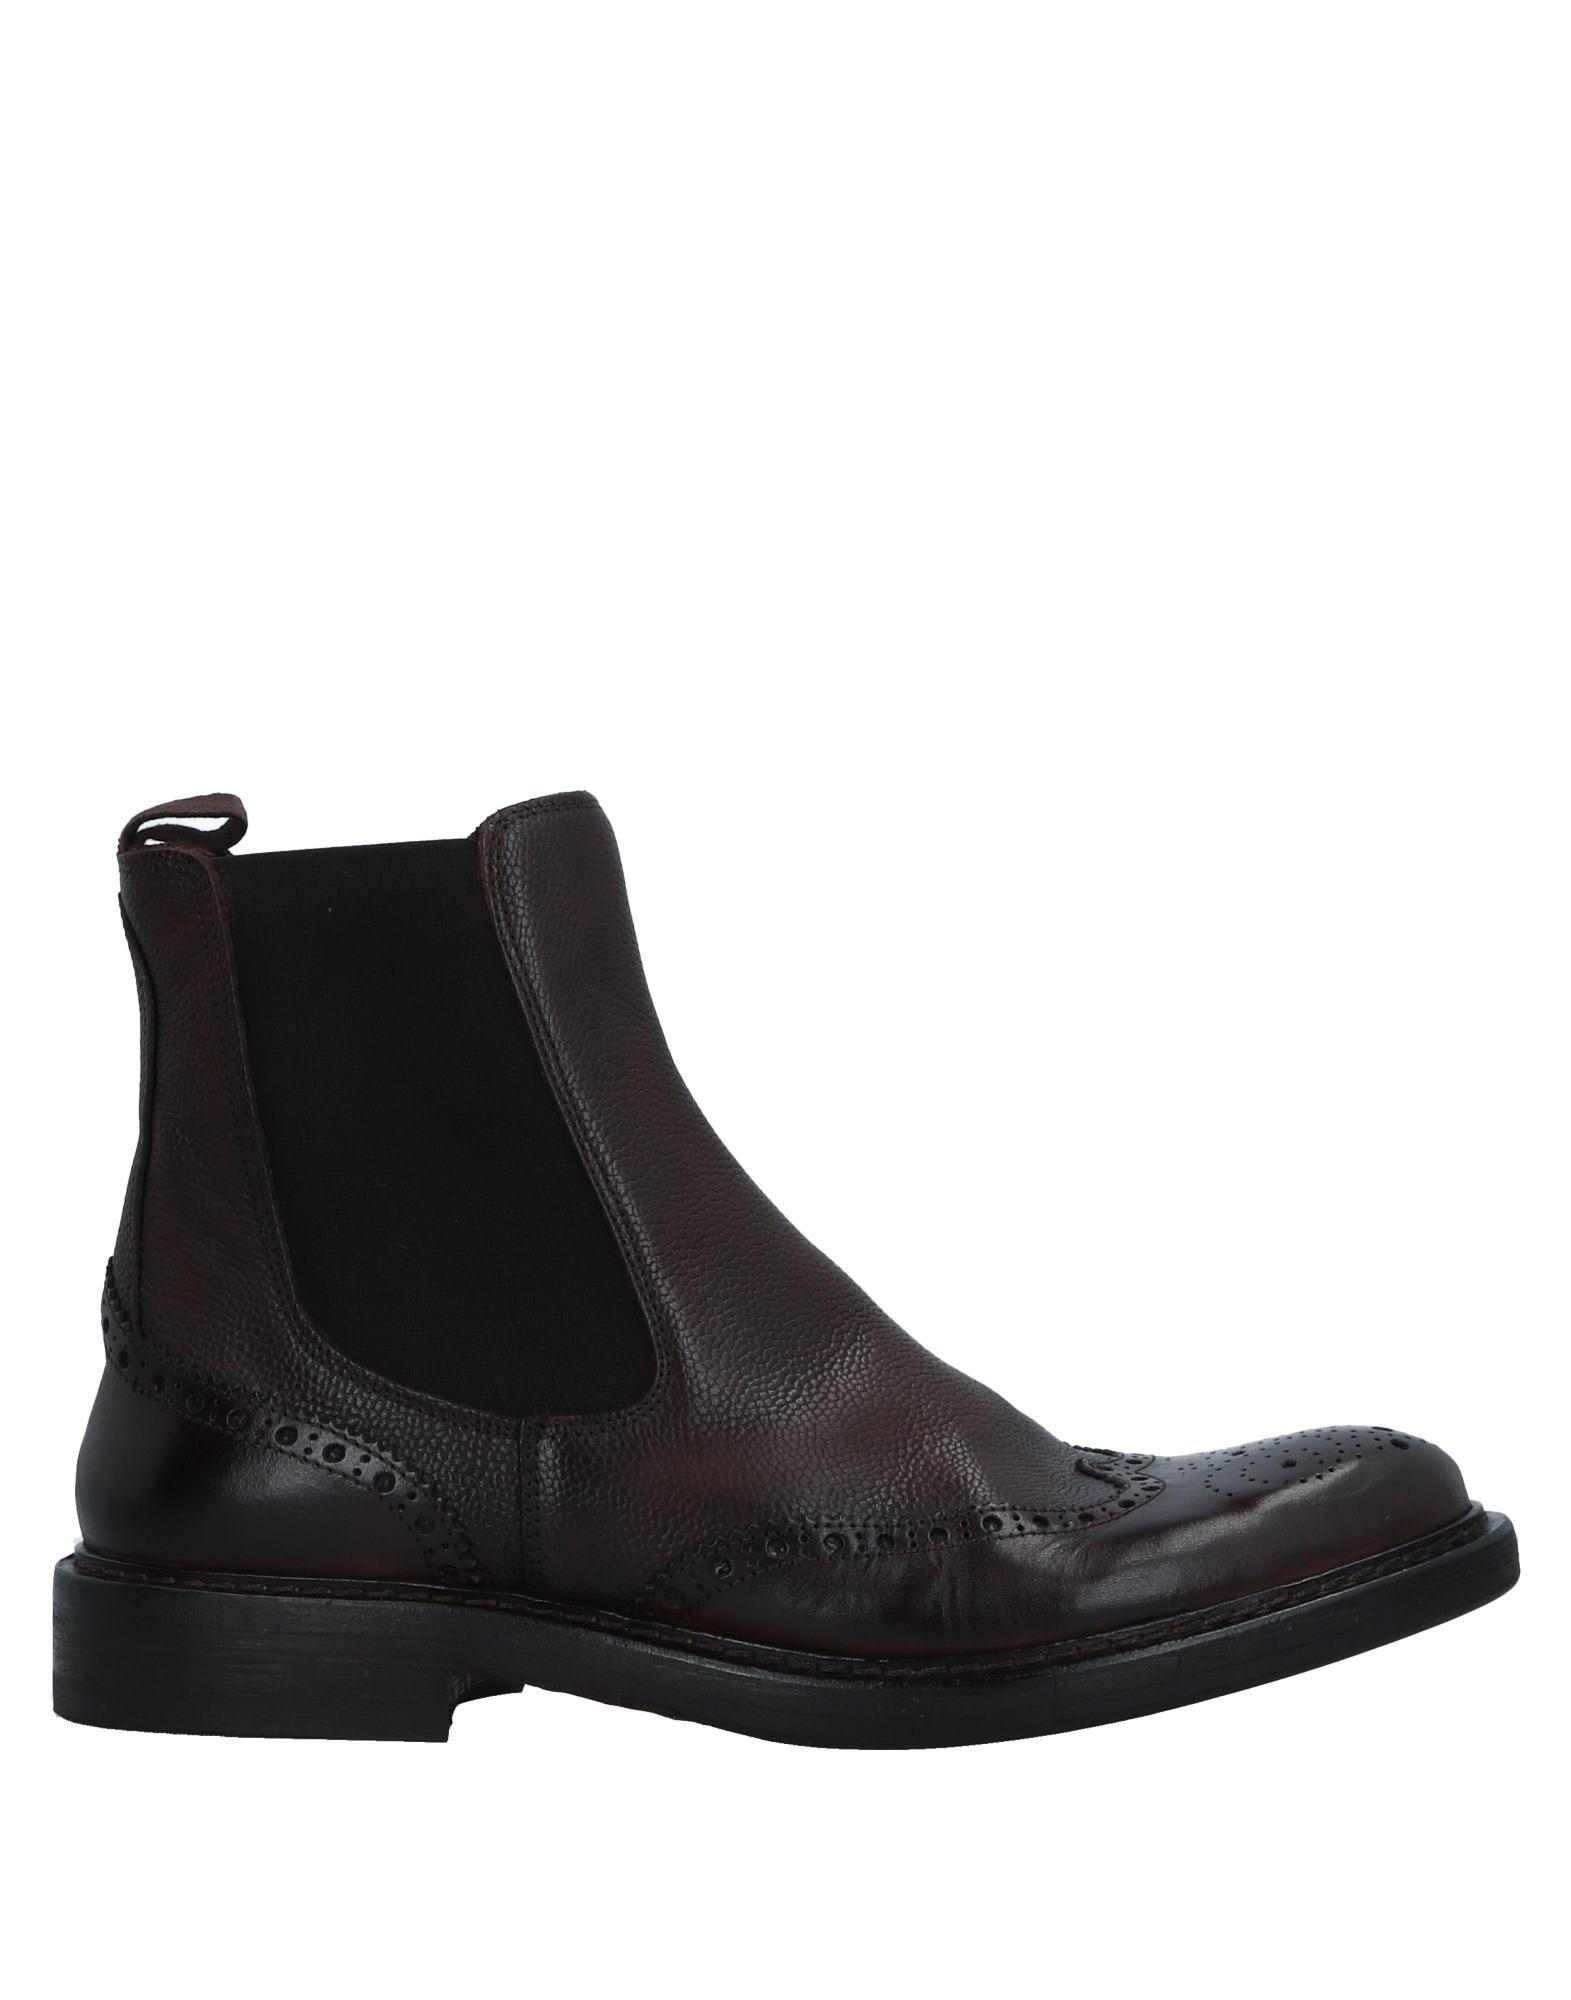 Bottine Hundred 100 Homme - Bottines Hundred 100  Noir Les chaussures les plus populaires pour les hommes et les femmes